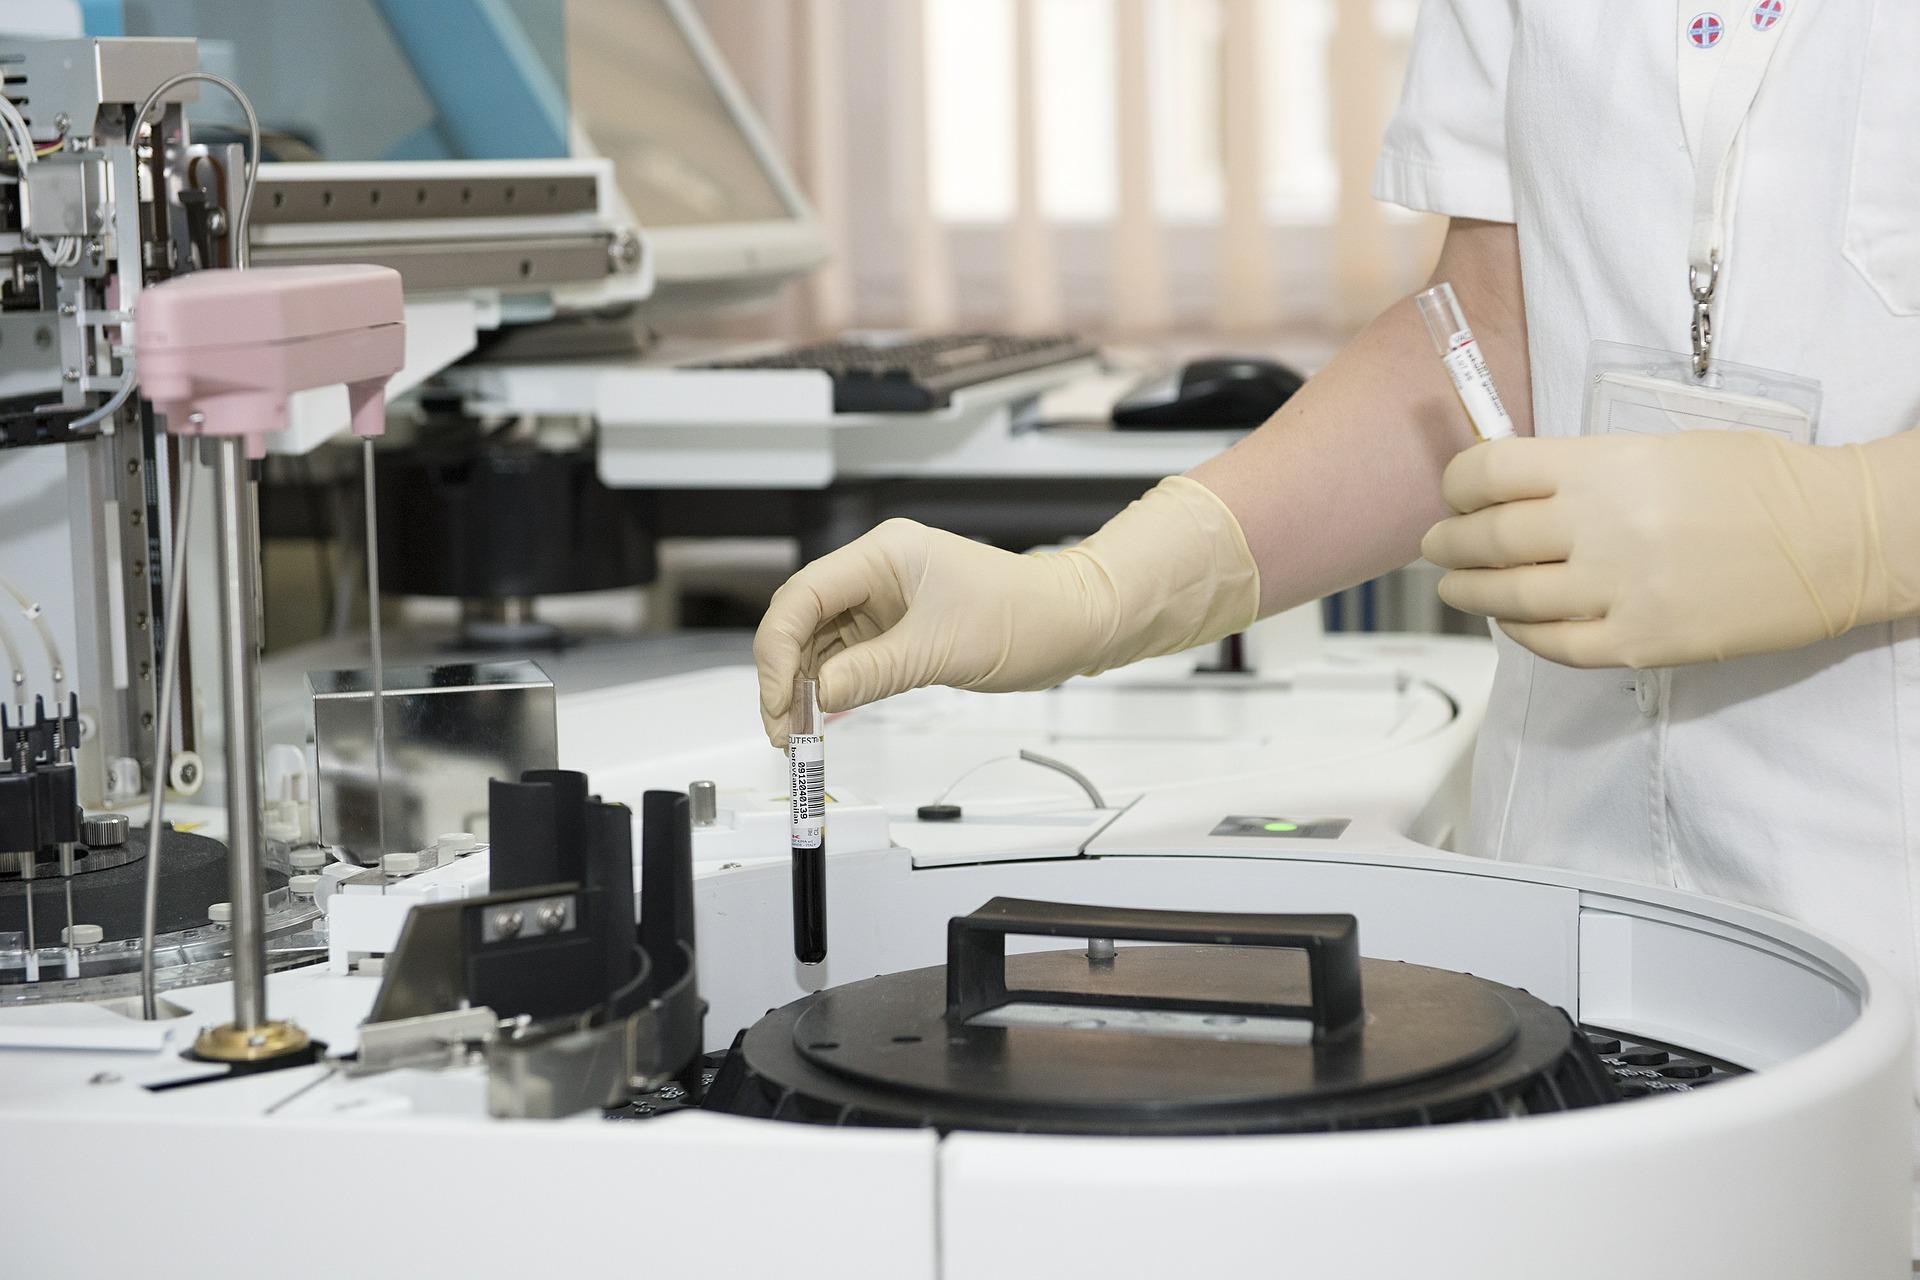 Sztuczna inteligencja rewolucjonizuje medycynę, w tym także onkologię